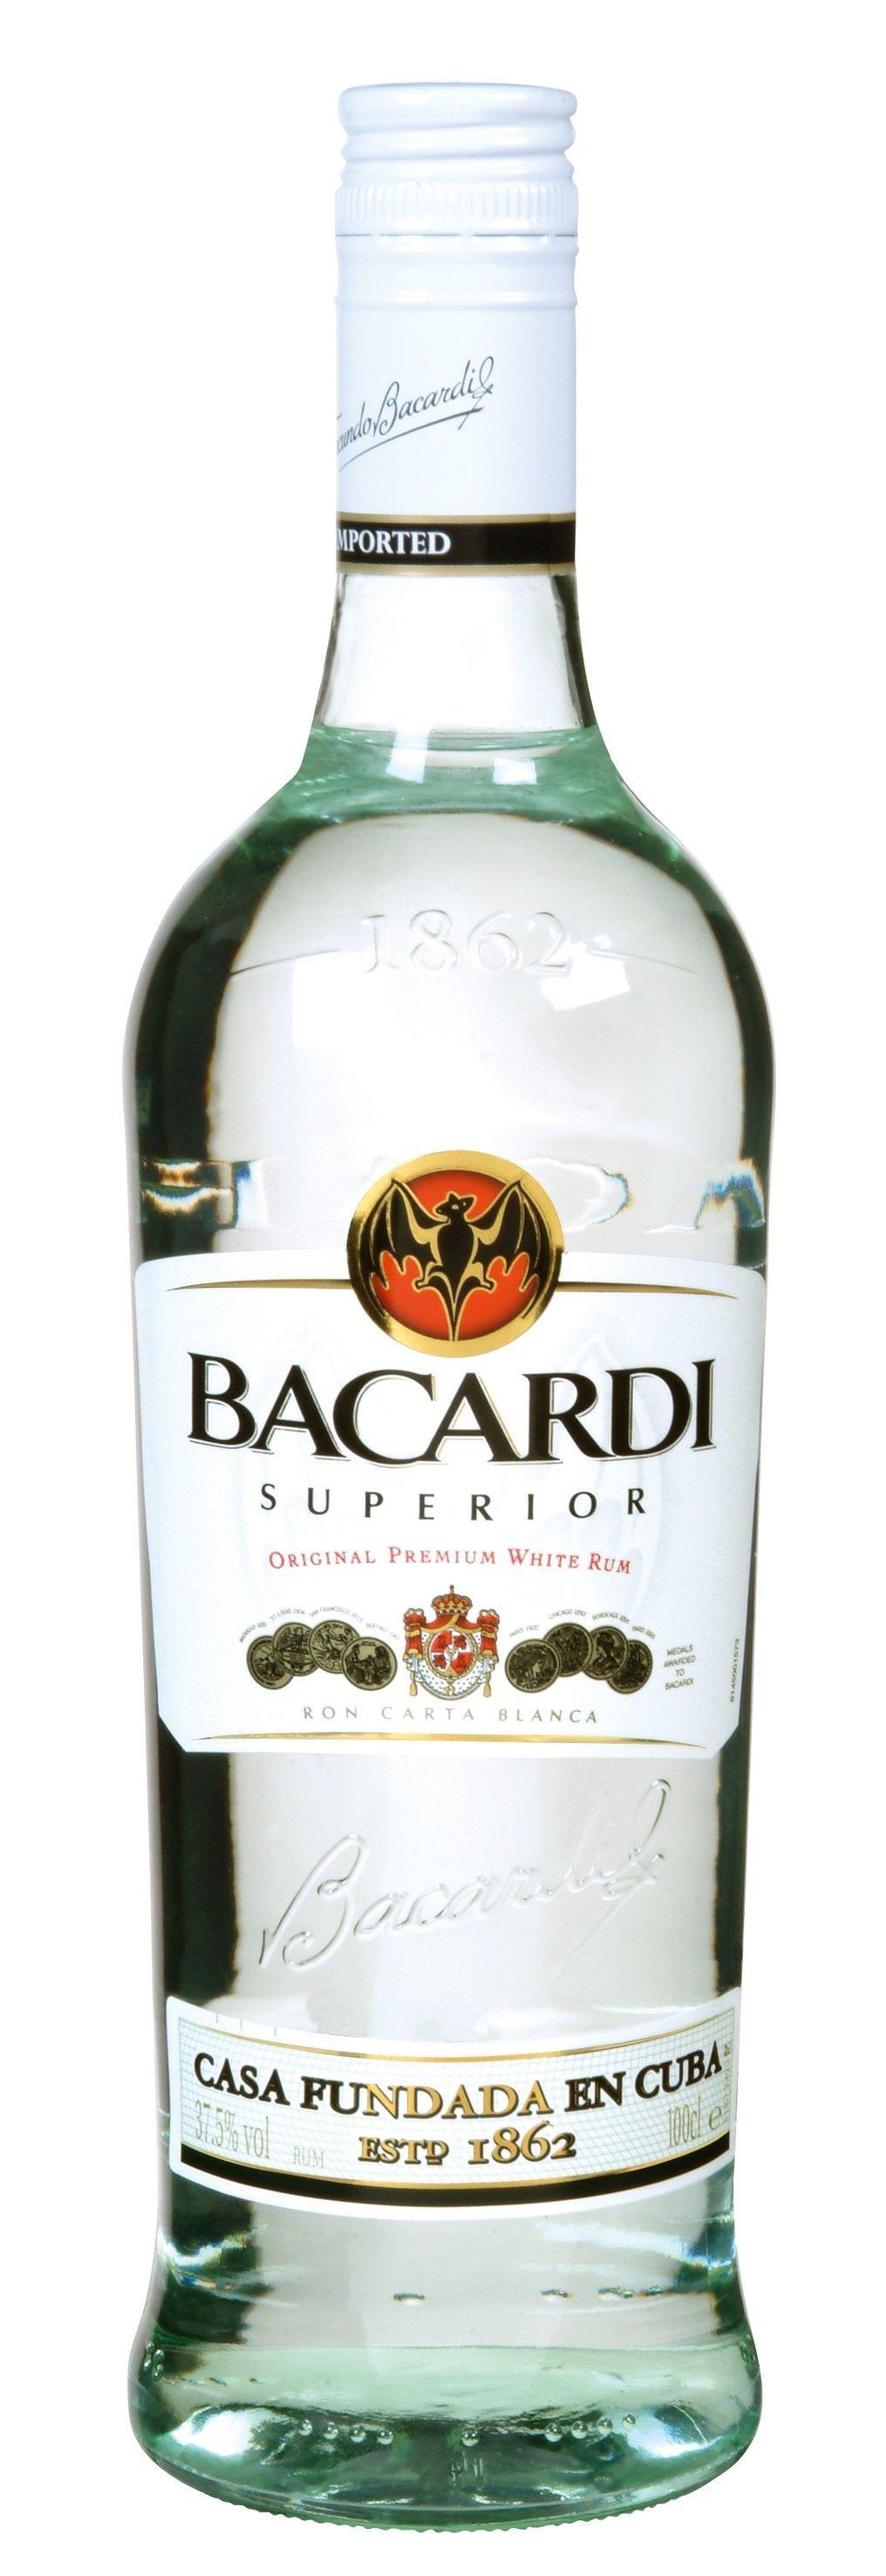 Rum bacardi superior 3l 37.5%